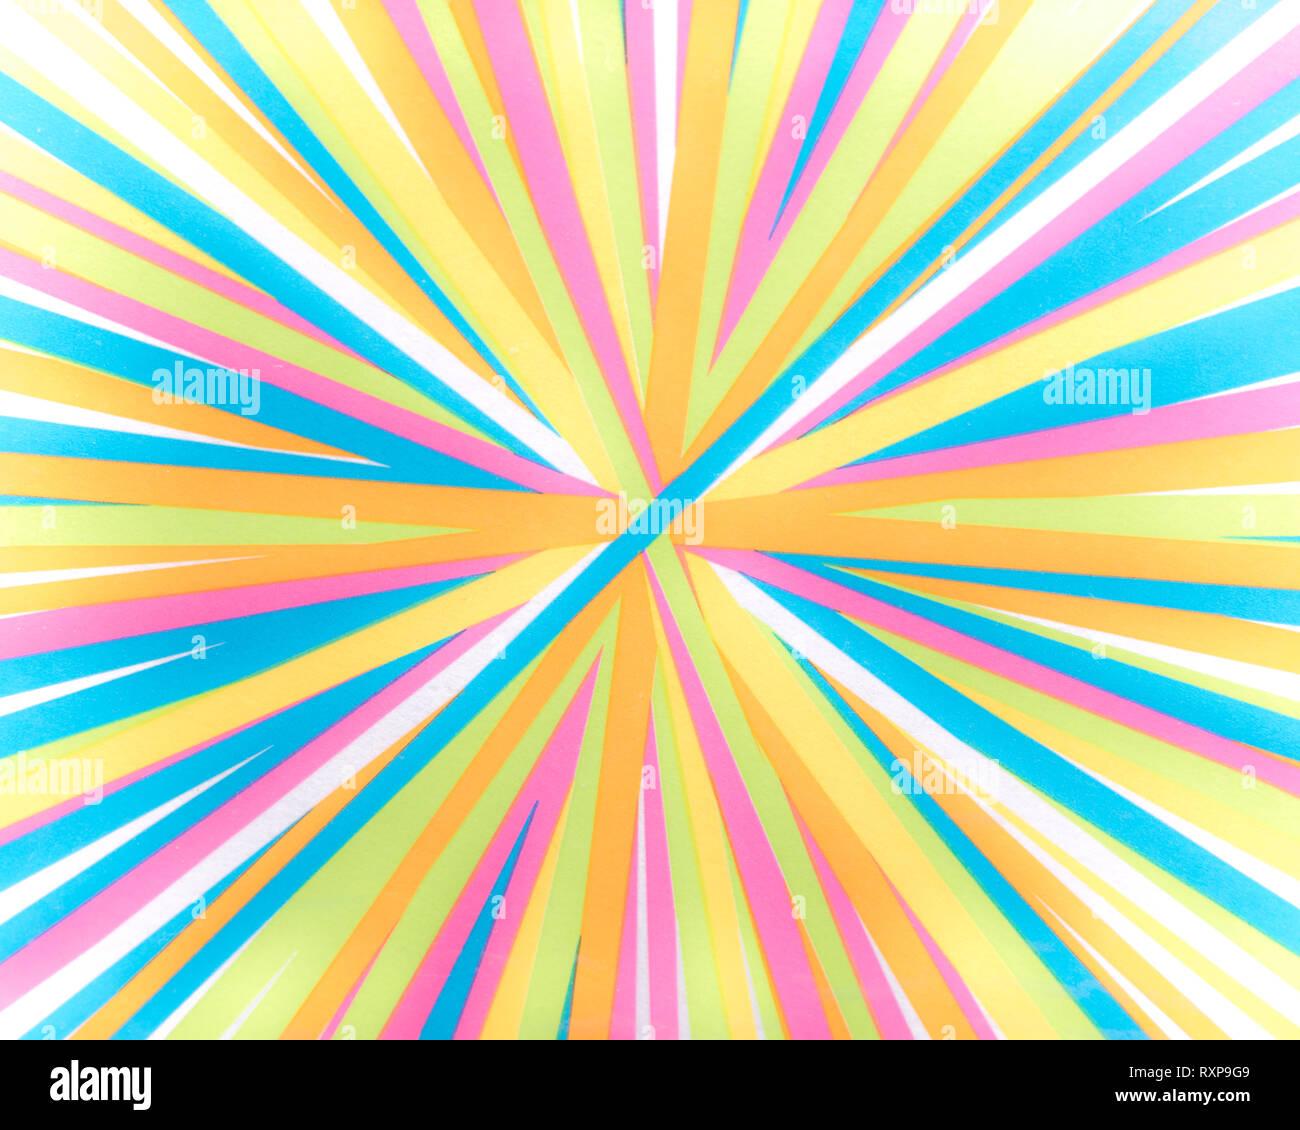 Stürzender Linien - bunte Streifen - Helle Regenbogen Spektrum von Farben radial stürzender Linien Hintergrund Stockbild